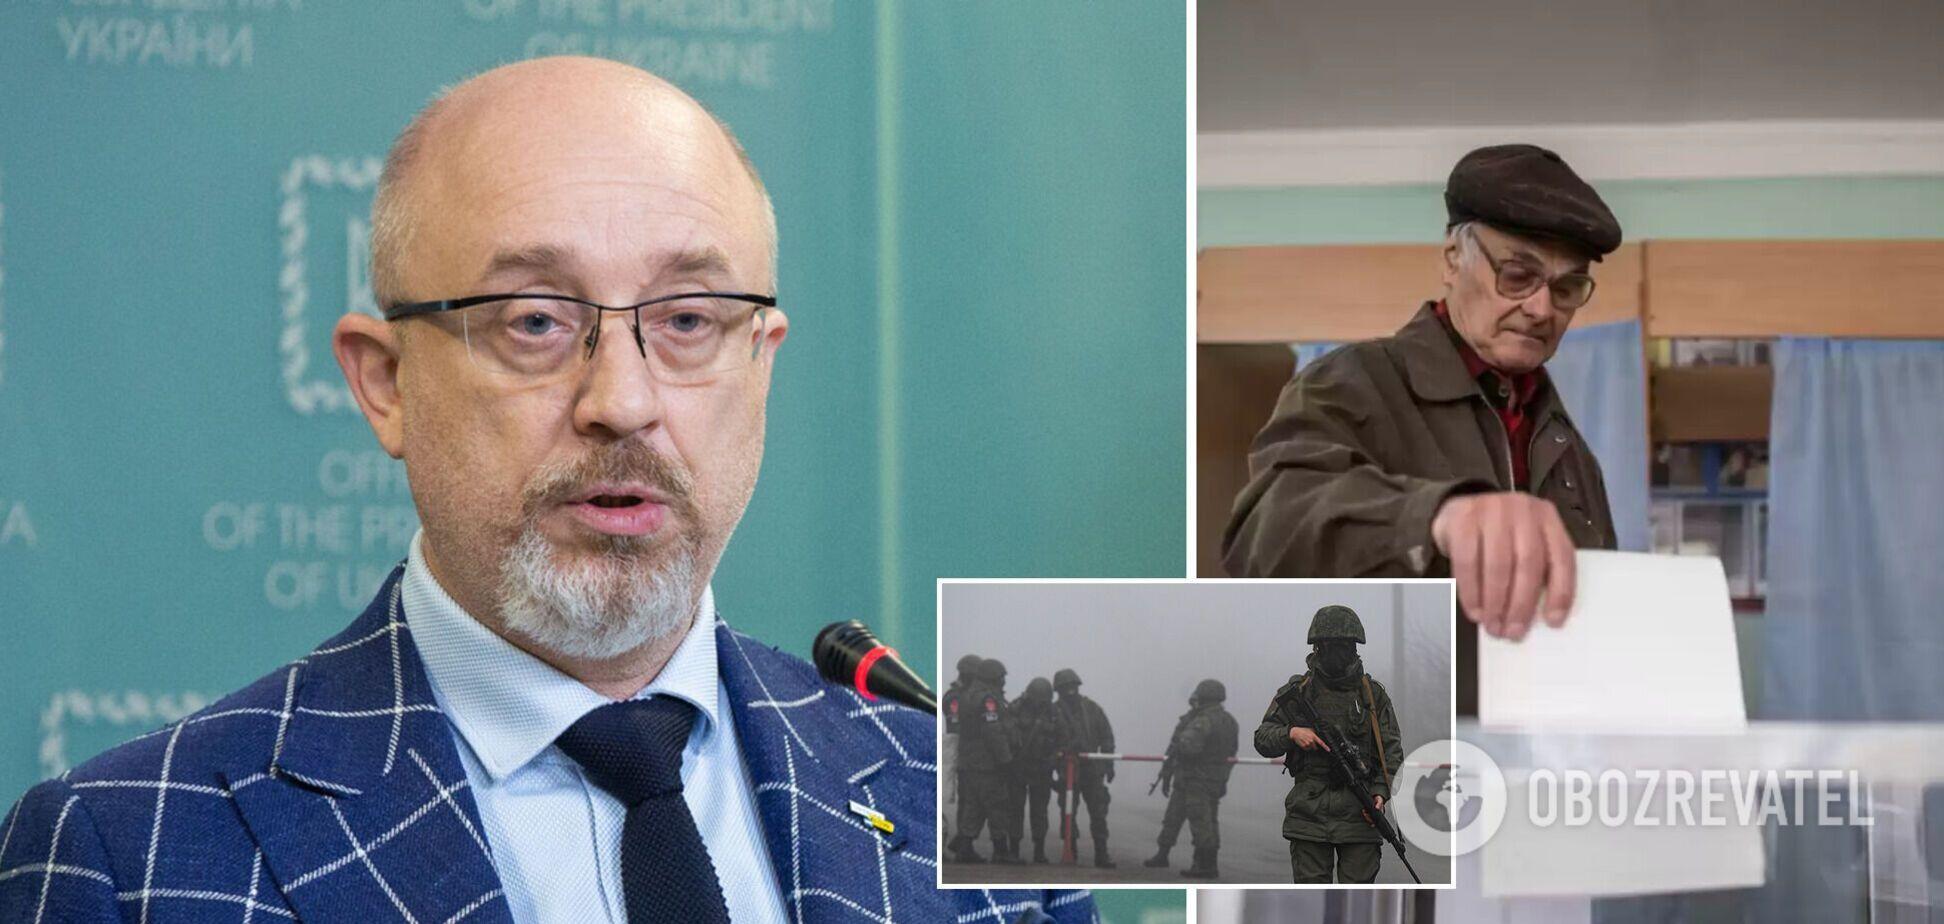 Резніков заявив про необхідність 'охолодження' в ОРДЛО